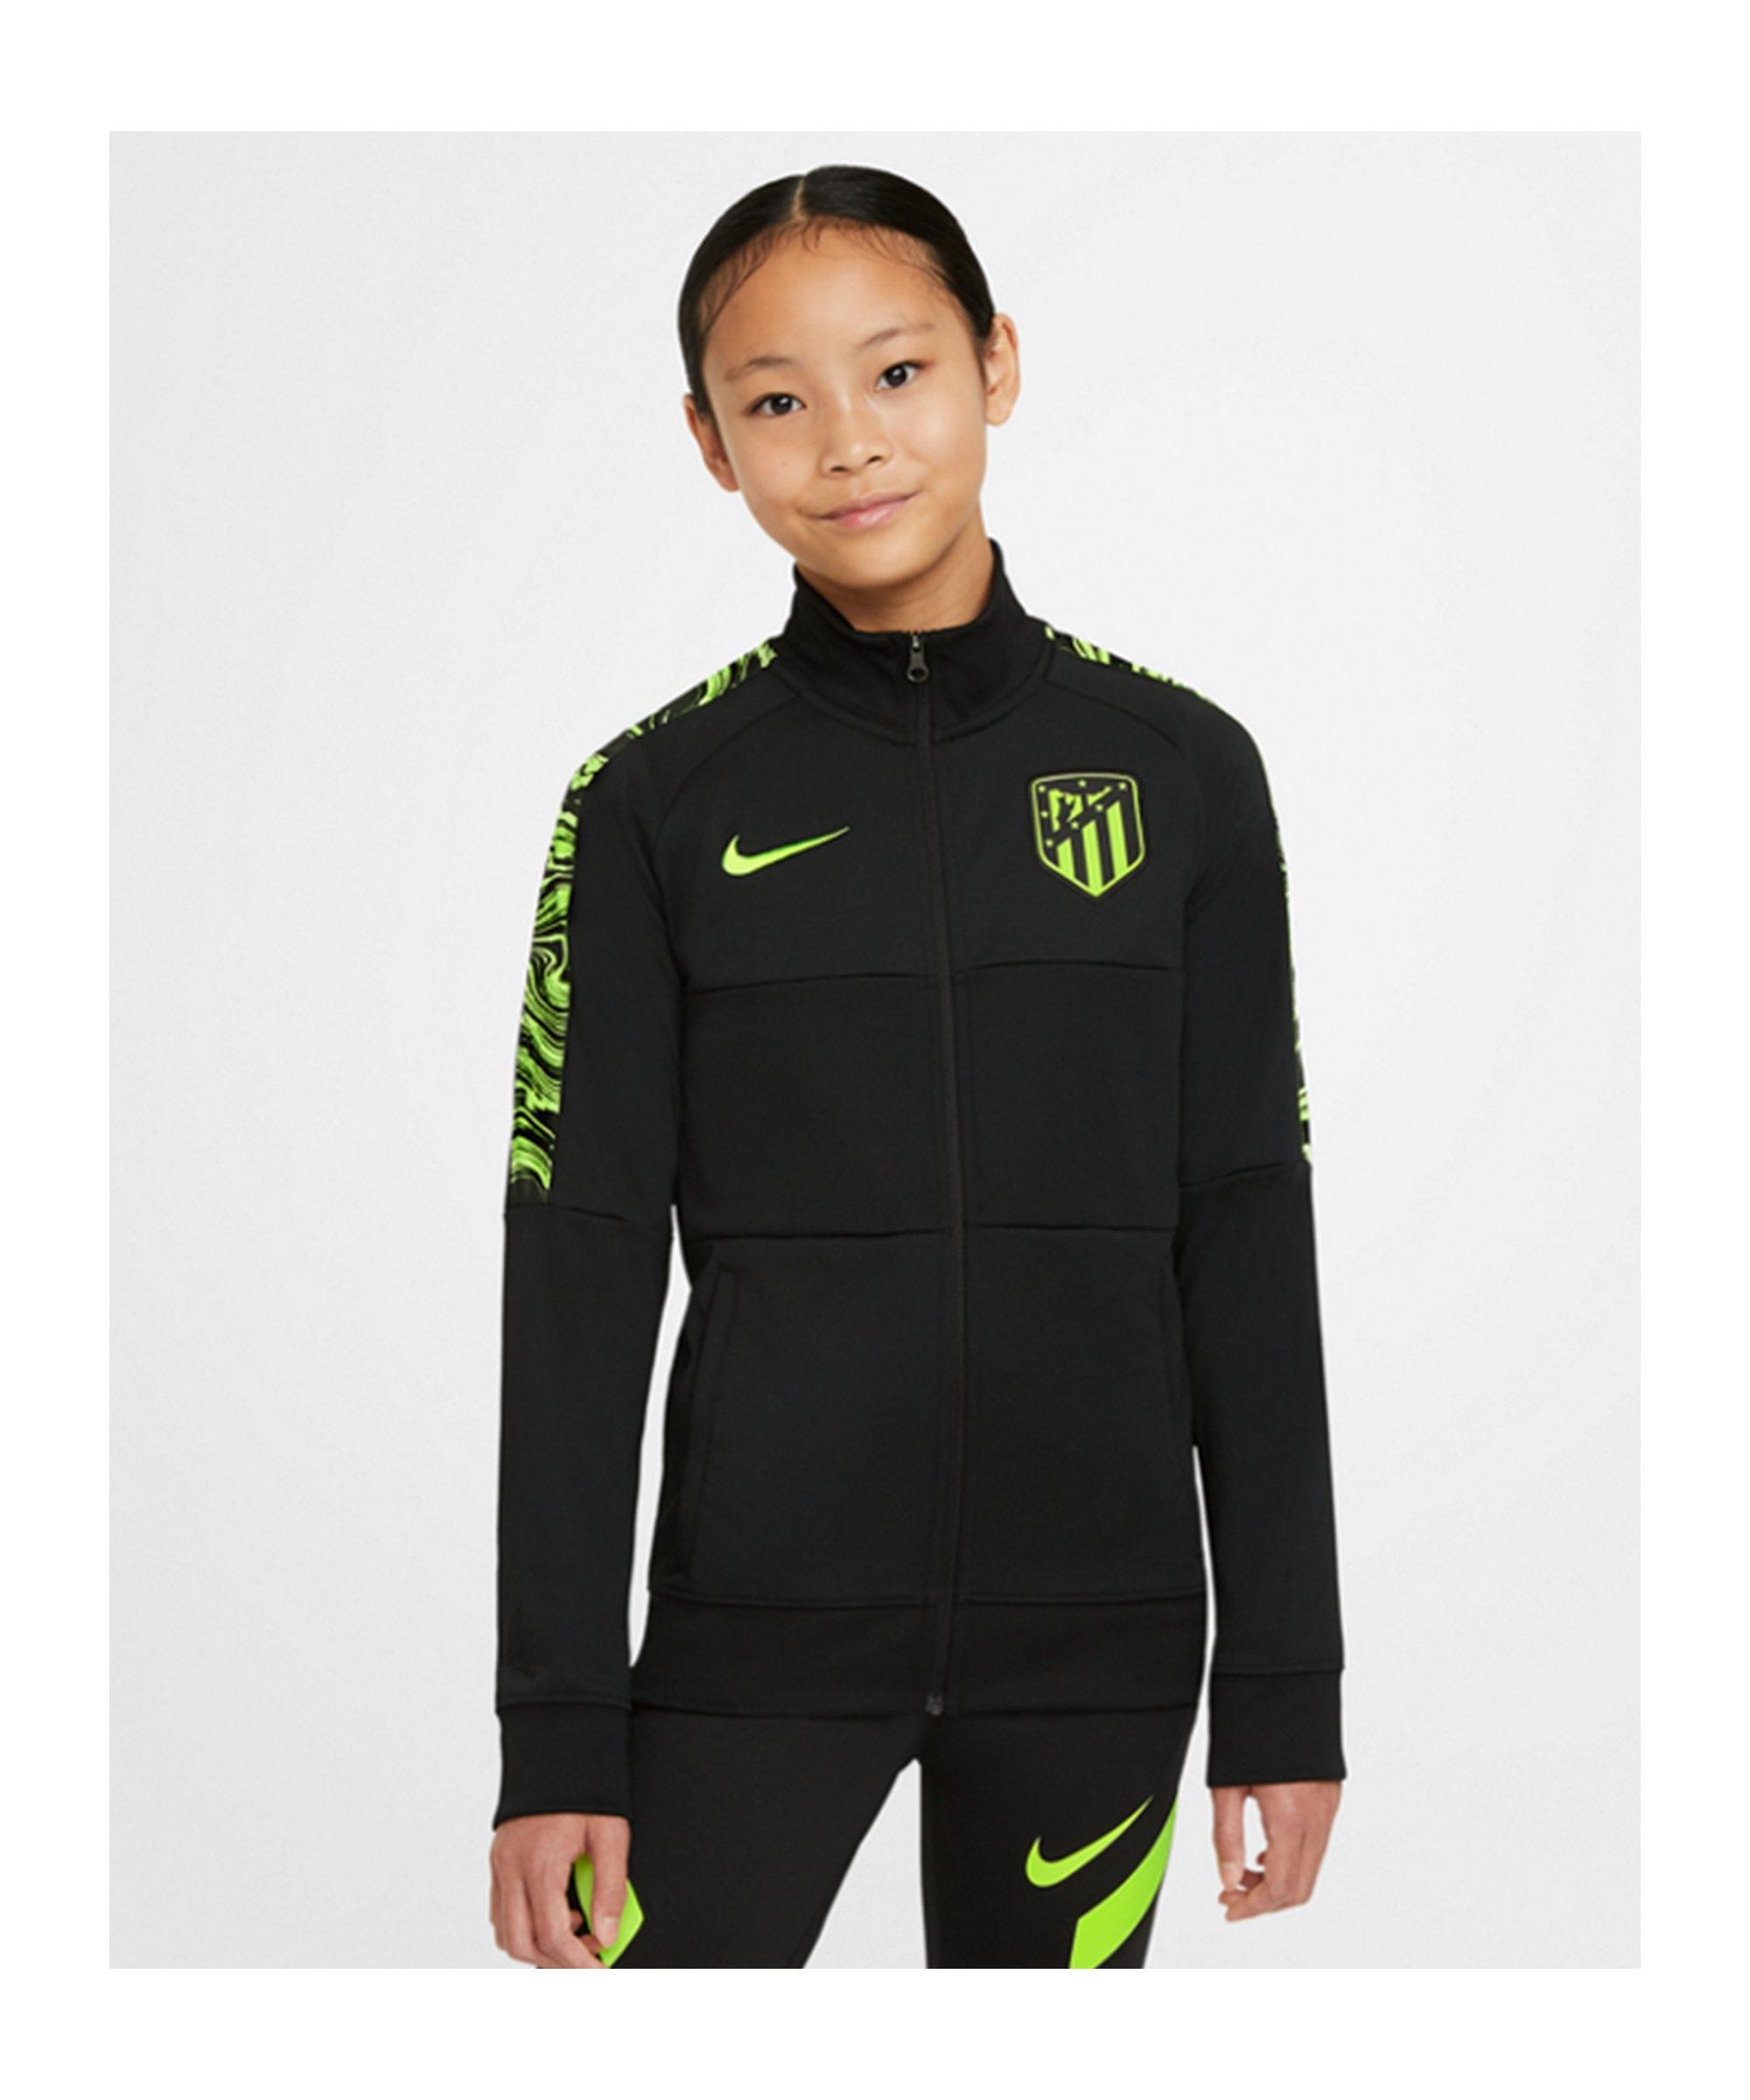 Nike Atletico Madrid I96 Jacke CL Kids F010 - schwarz